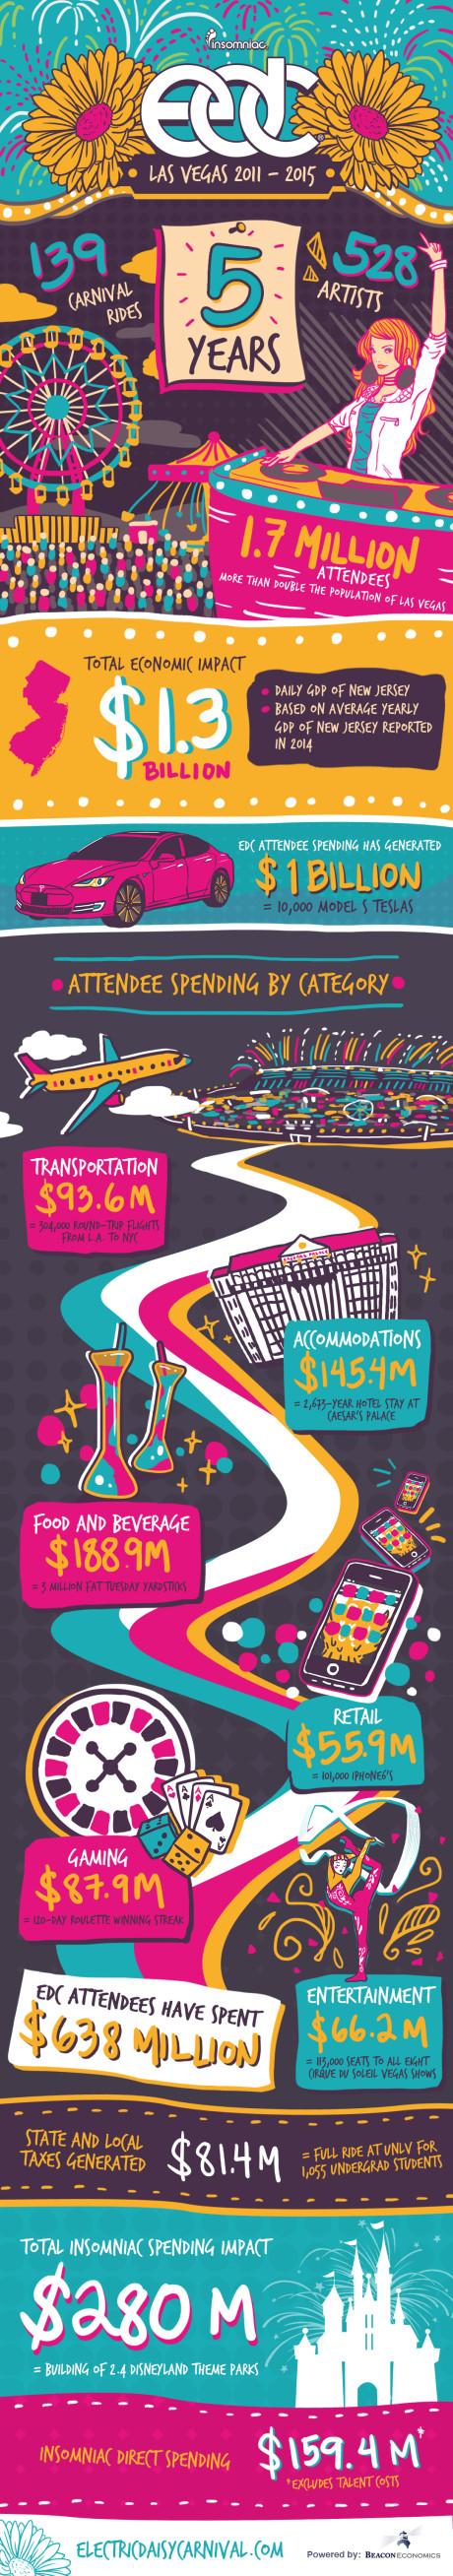 EDC Las Vegas Infograph